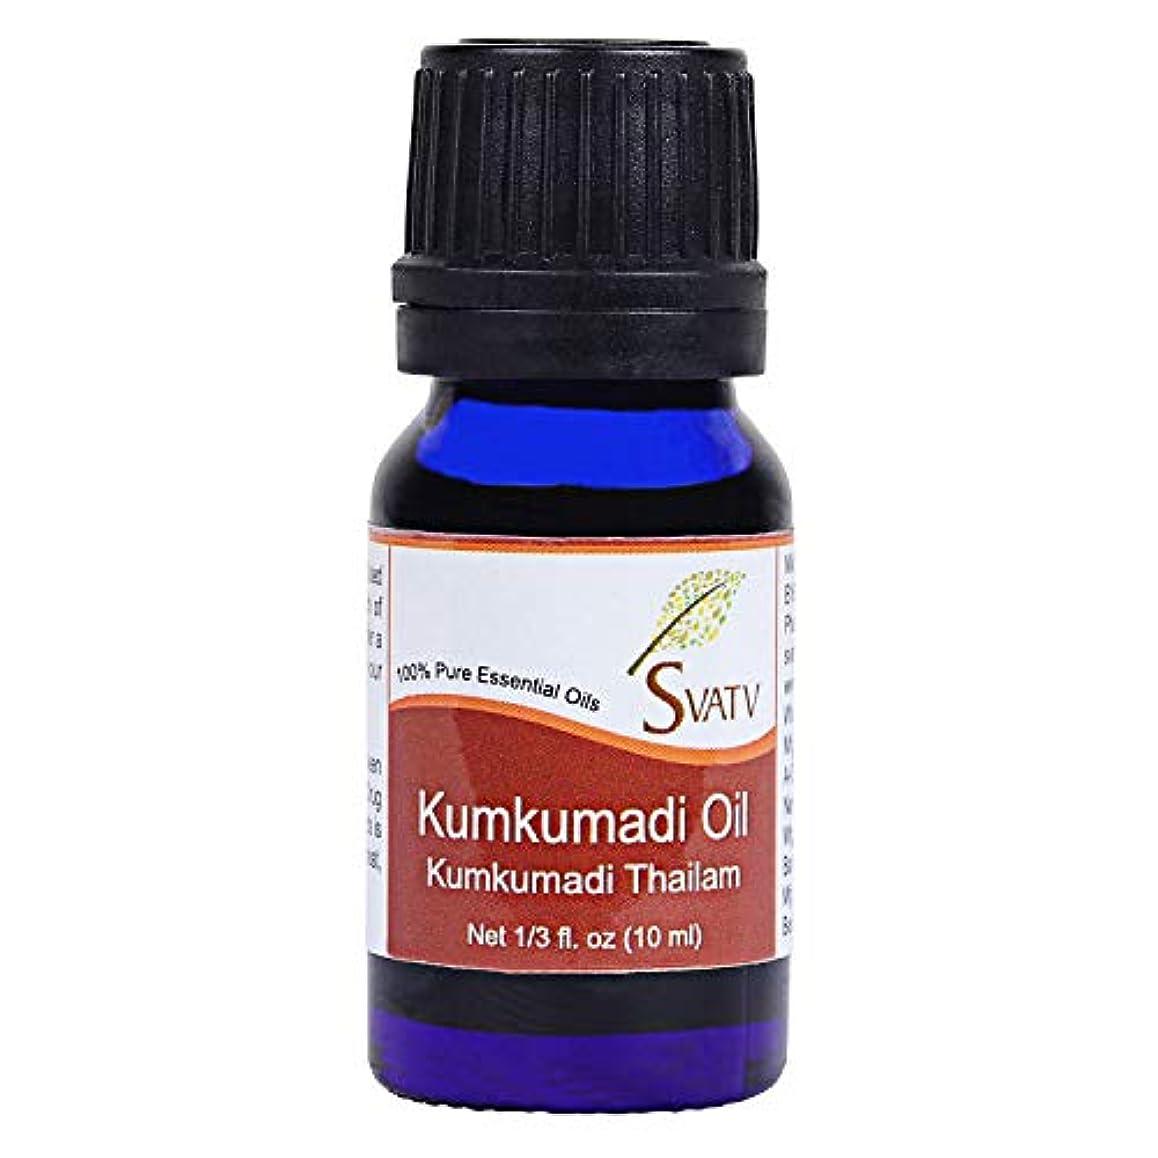 オアシスシニス衝突するSVATV KUMKUMADI (kumkumadi thailam) Essential Oil 10 mL (1/3 oz)Therapeutic Grade Aromatherapy Essential Oil